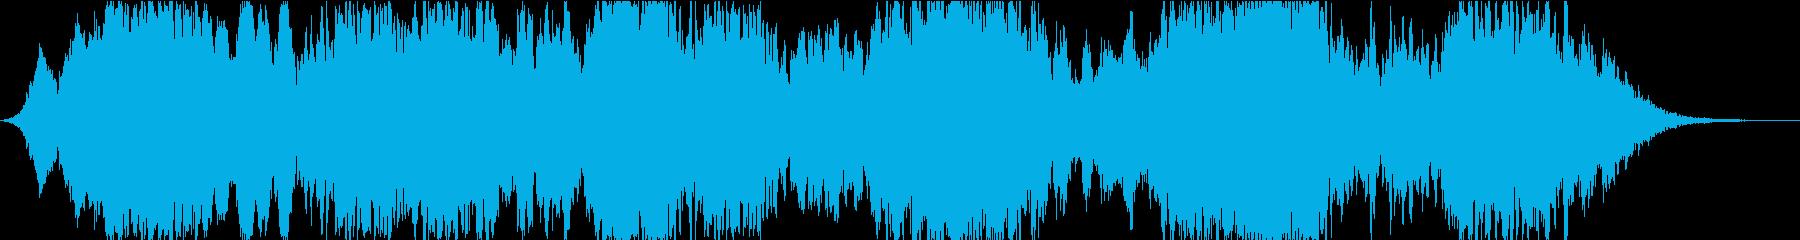 ドローン ダークムービングストリング01の再生済みの波形